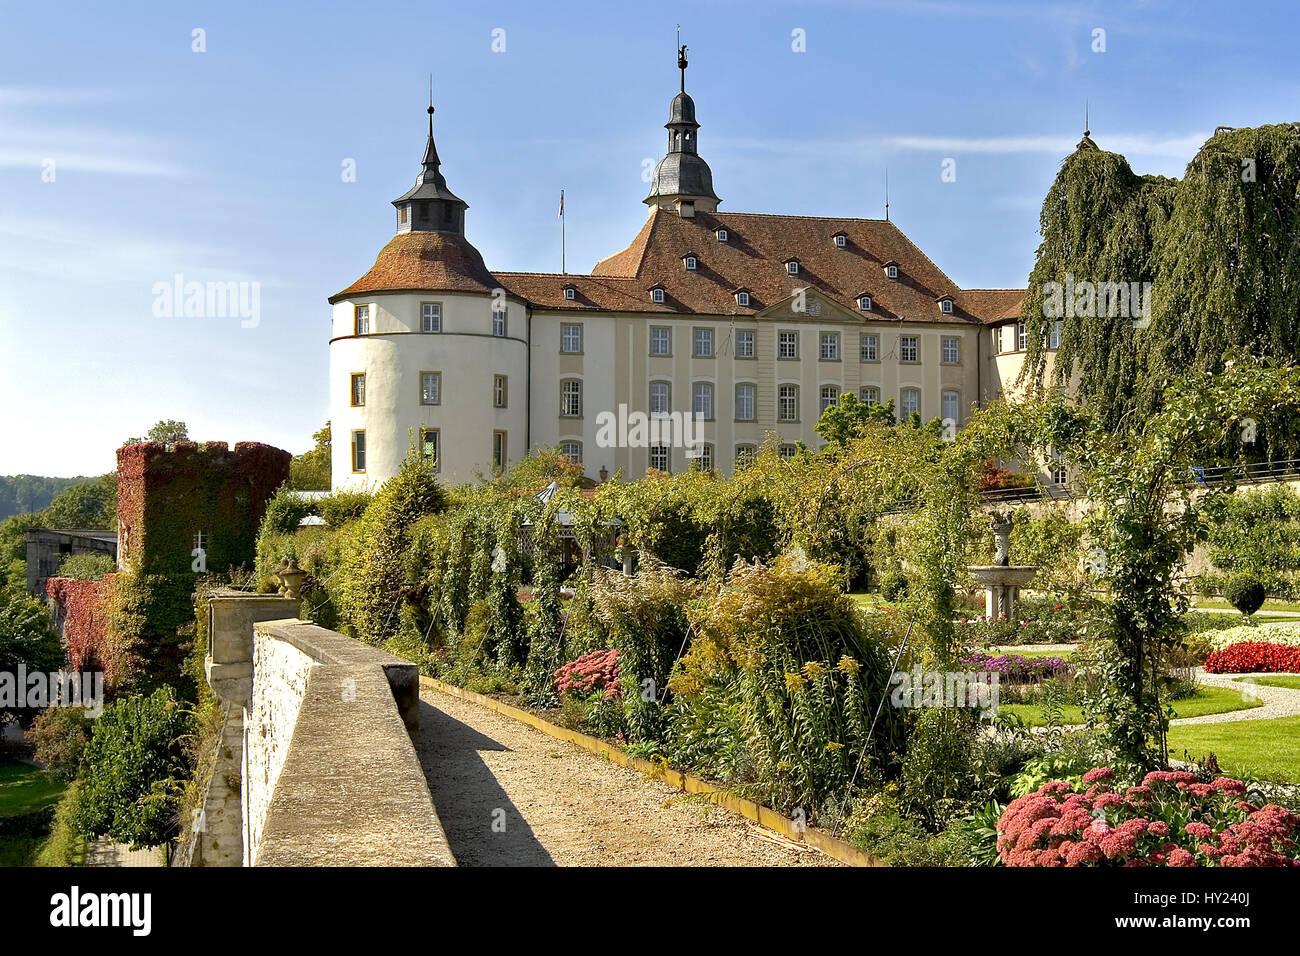 Blick über den Garten auf das Renaissanceschloss Langenburg in Baden-Wuerttemberg in Deutschland. Stock Photo